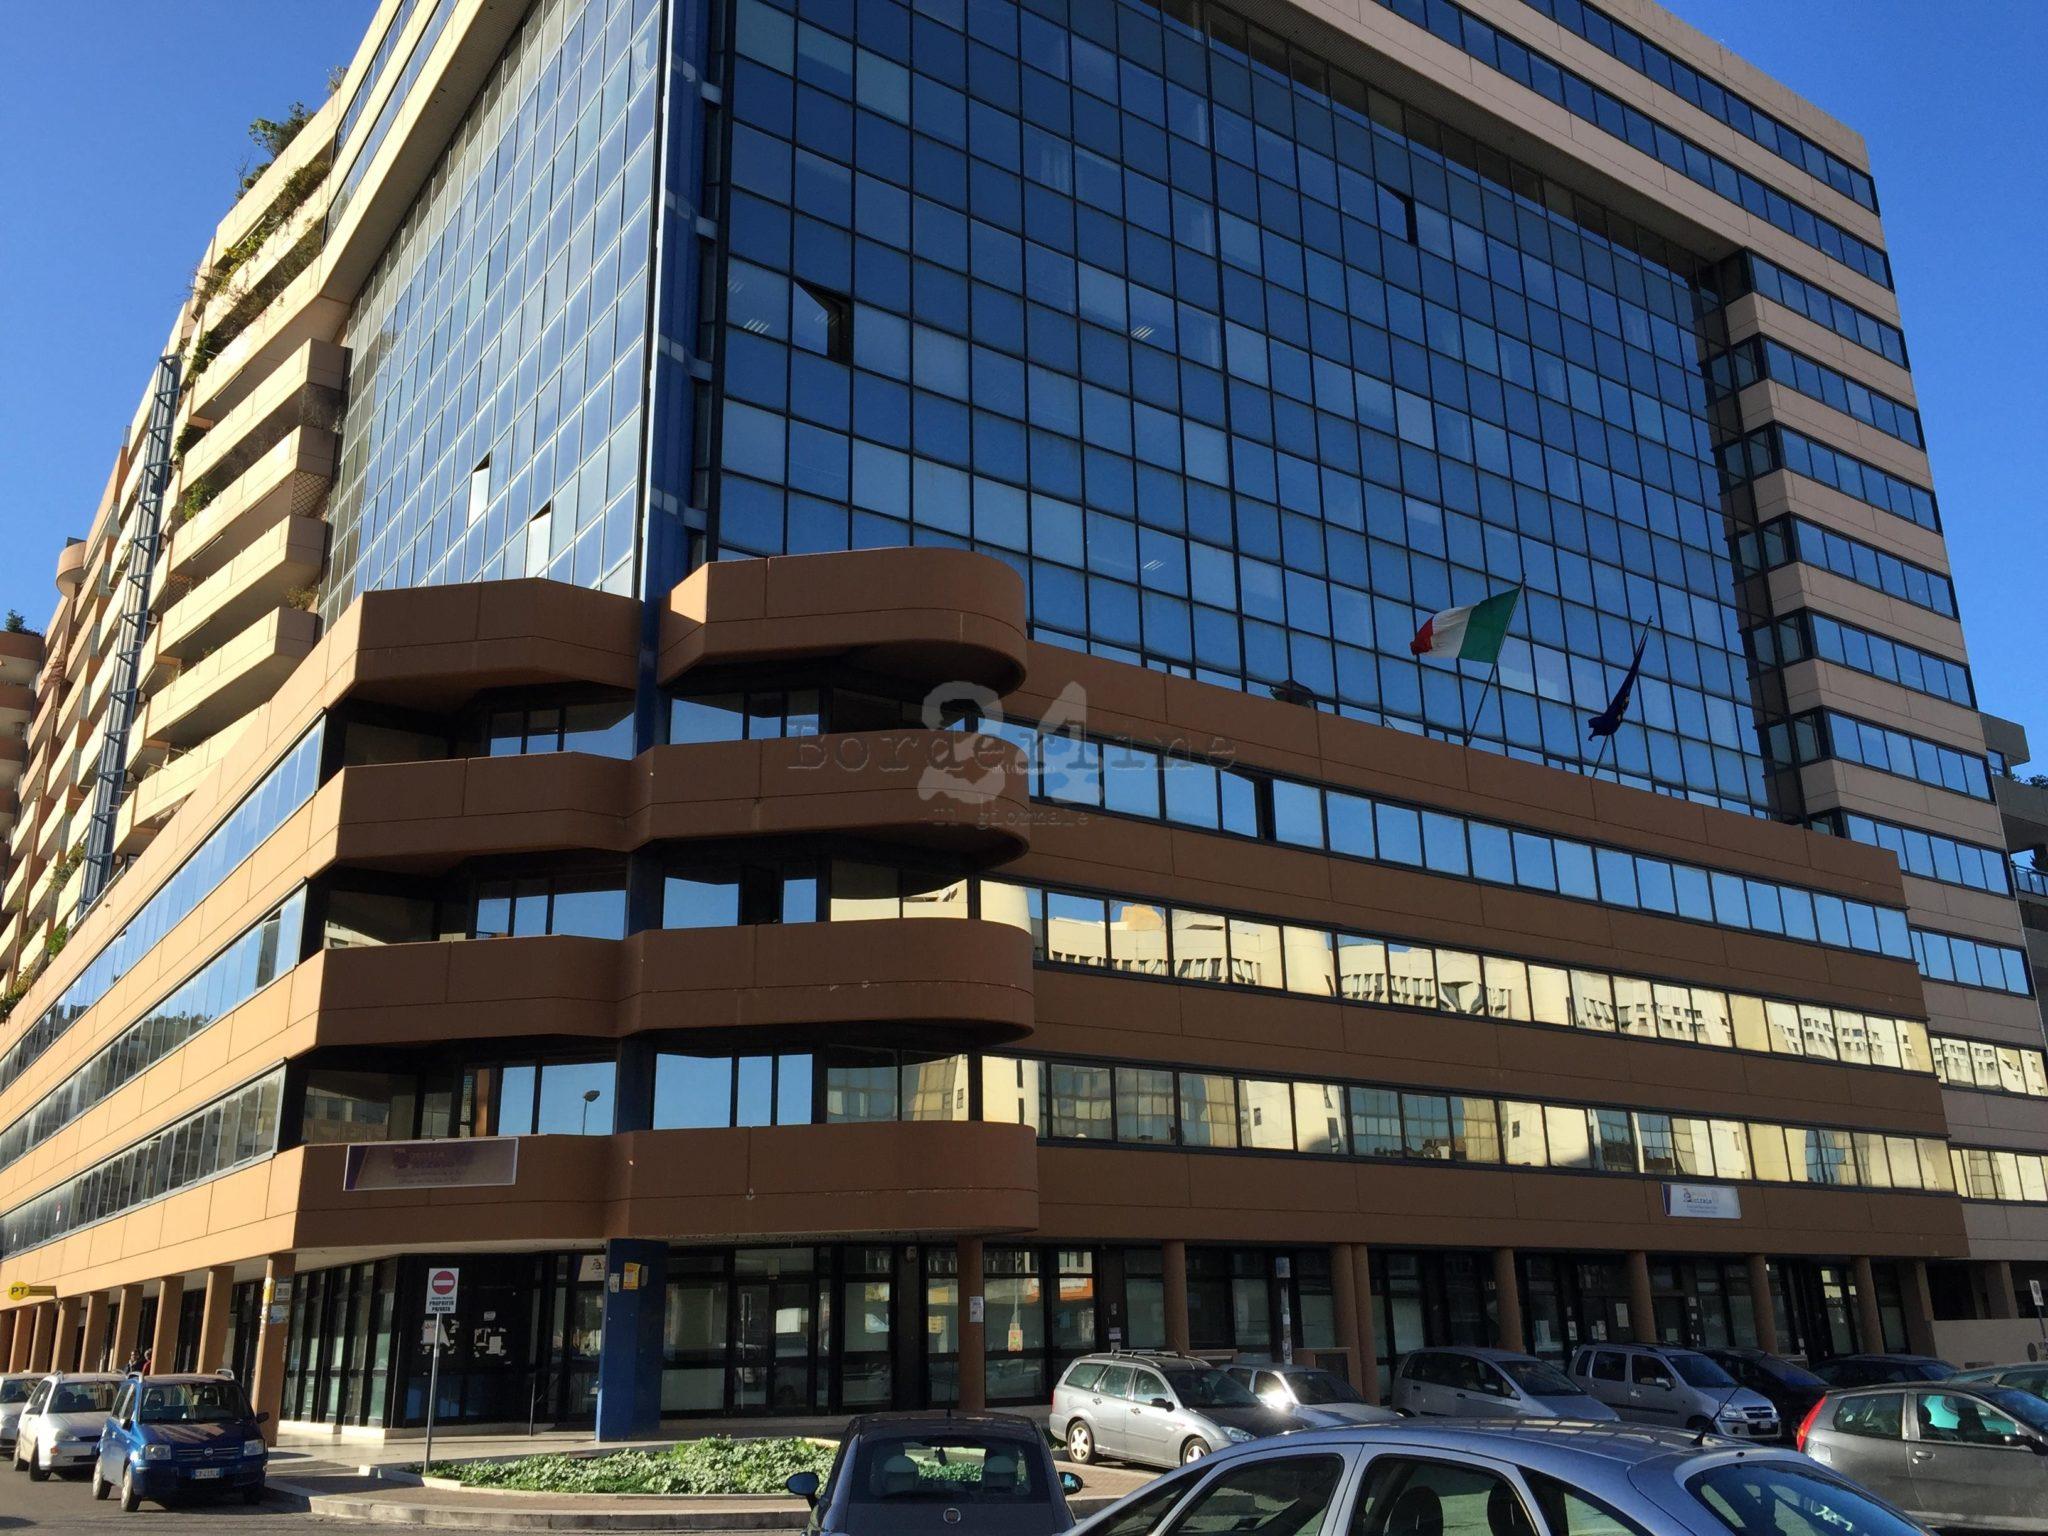 Agenzia entrate il regalo di natale niente cartelle for Detrazioni fiscali 2017 agenzia delle entrate